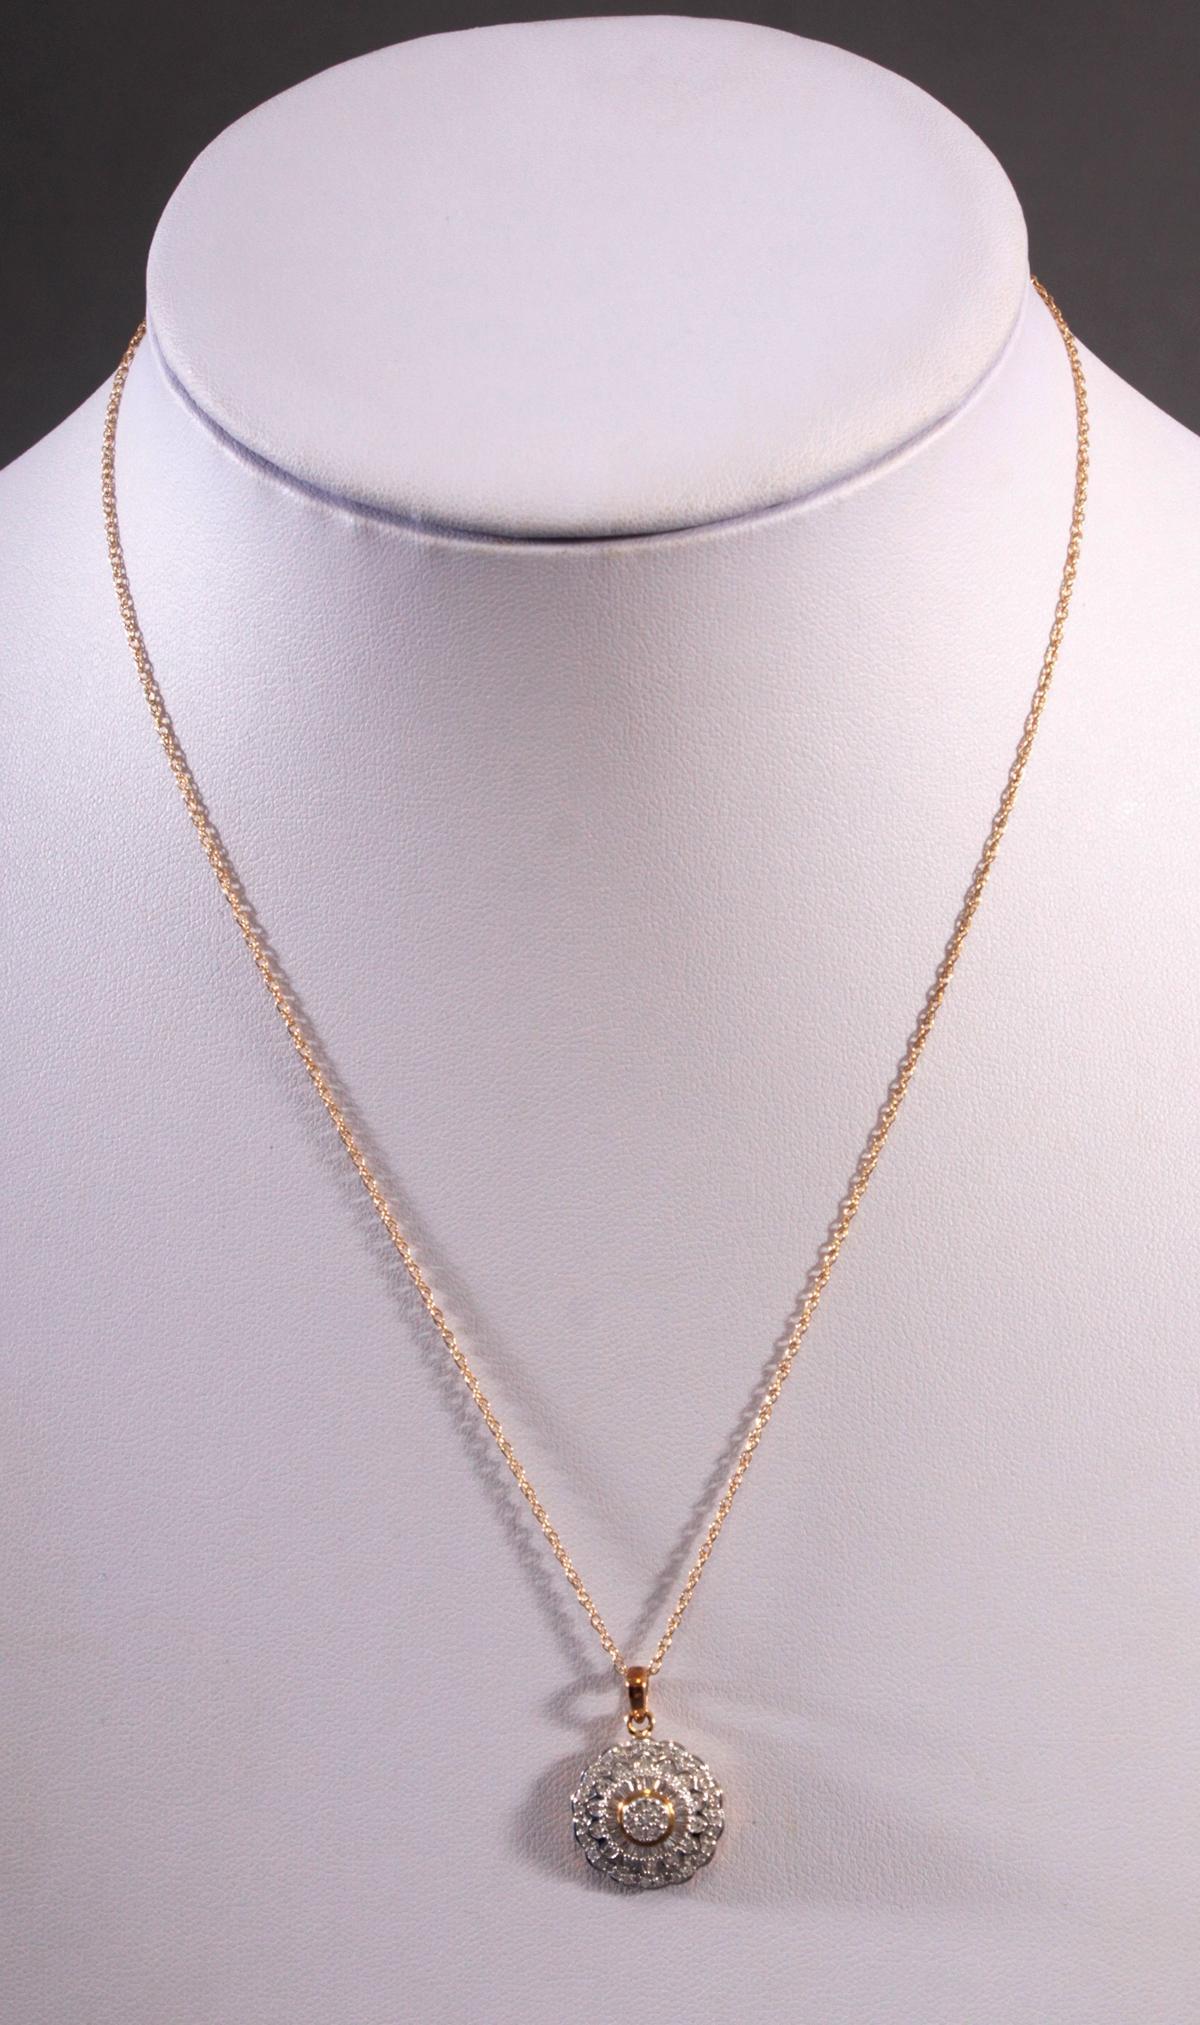 Halskette mit Diamantanhänger aus 8 Karat Weiß- und Gelbgold